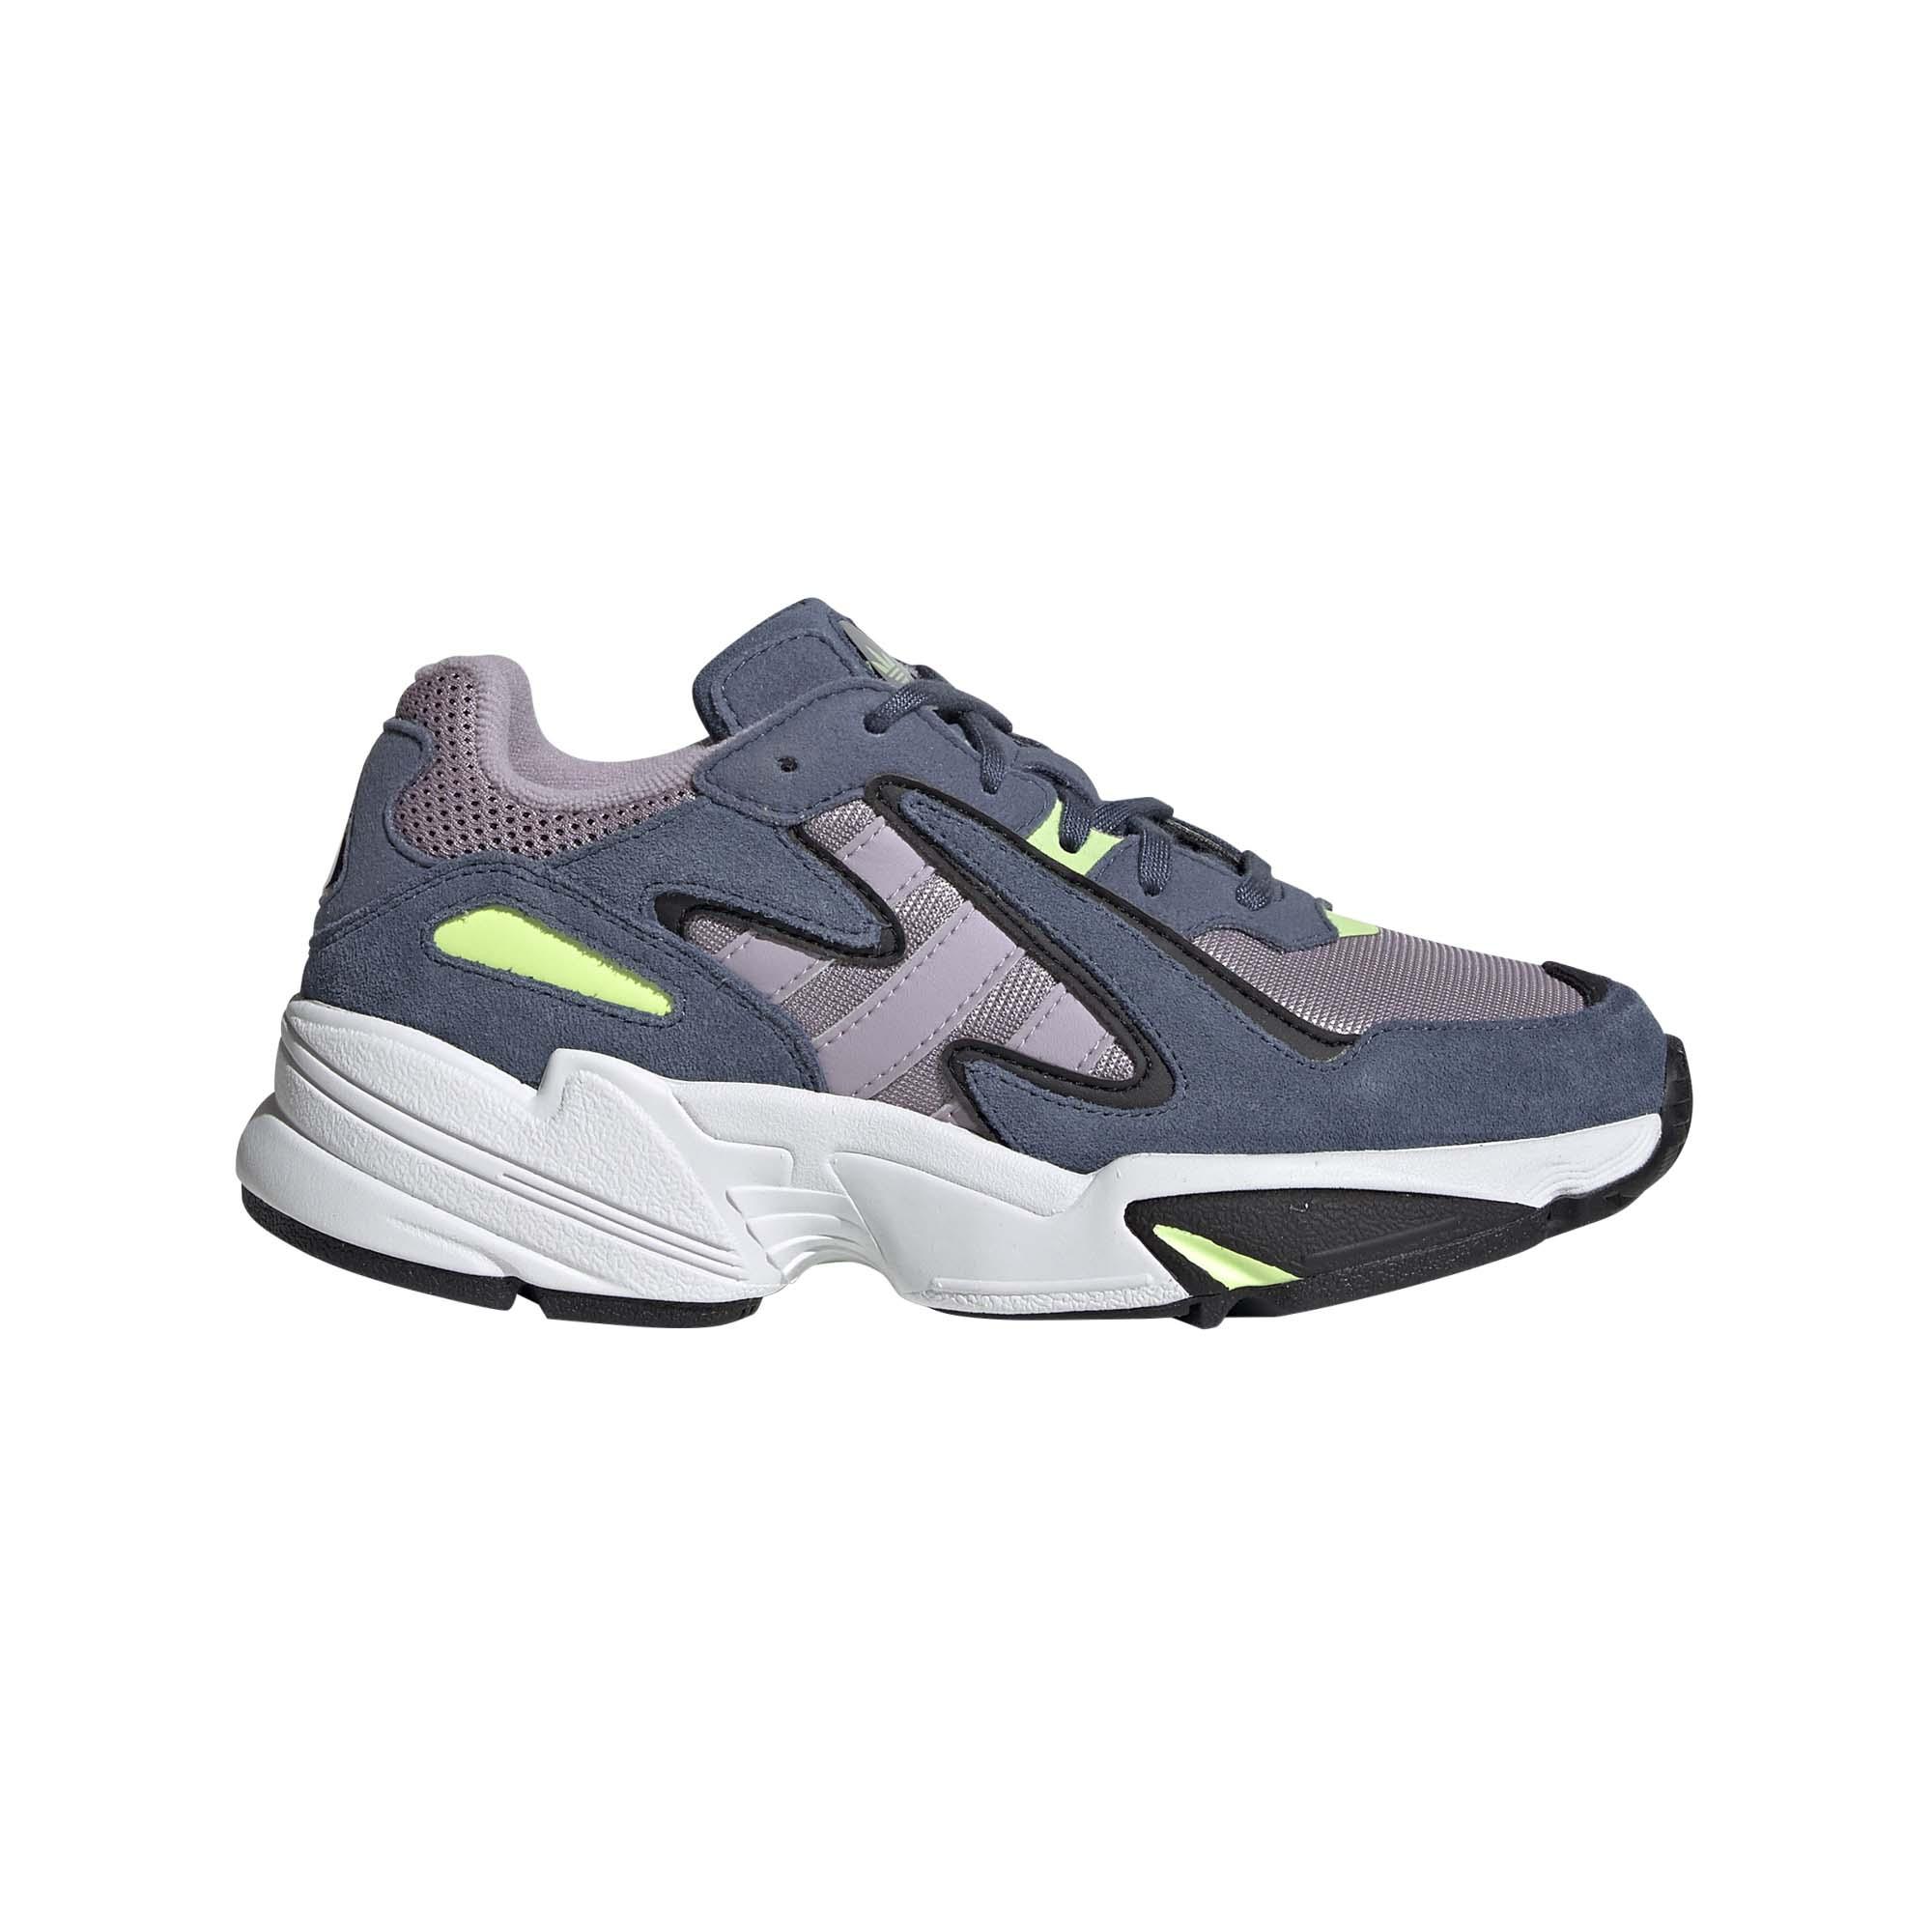 נעלי אדידס יאנג 96 סגולות לנוער - Adidas Yung 96